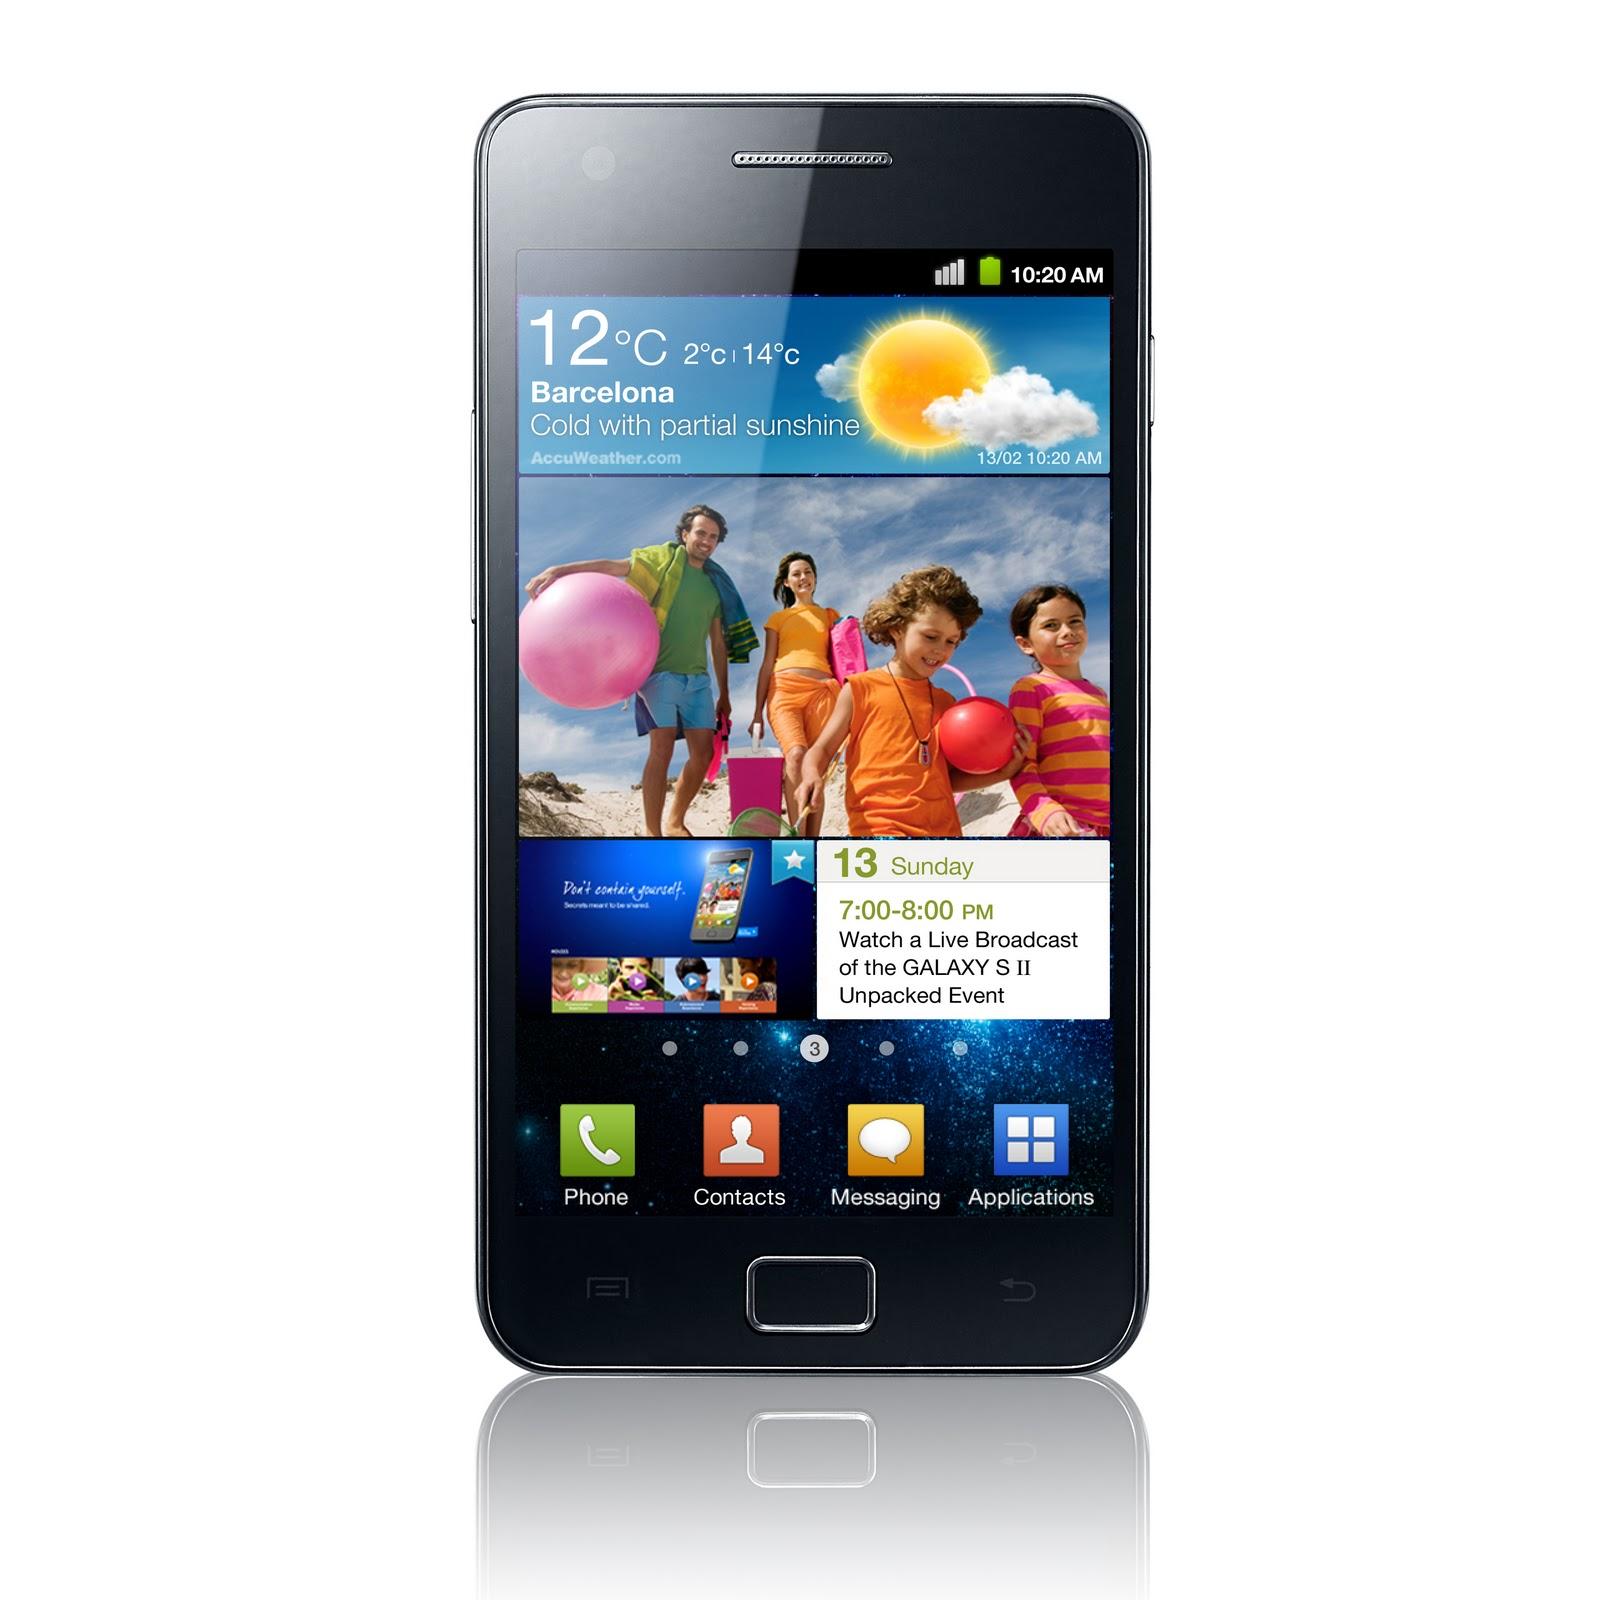 http://3.bp.blogspot.com/-Fev_bZxWBVM/TZ2_NgxNj_I/AAAAAAAAAvQ/9INEZYnxEE0/s1600/Samsung+Galaxy+S+II_1.jpg